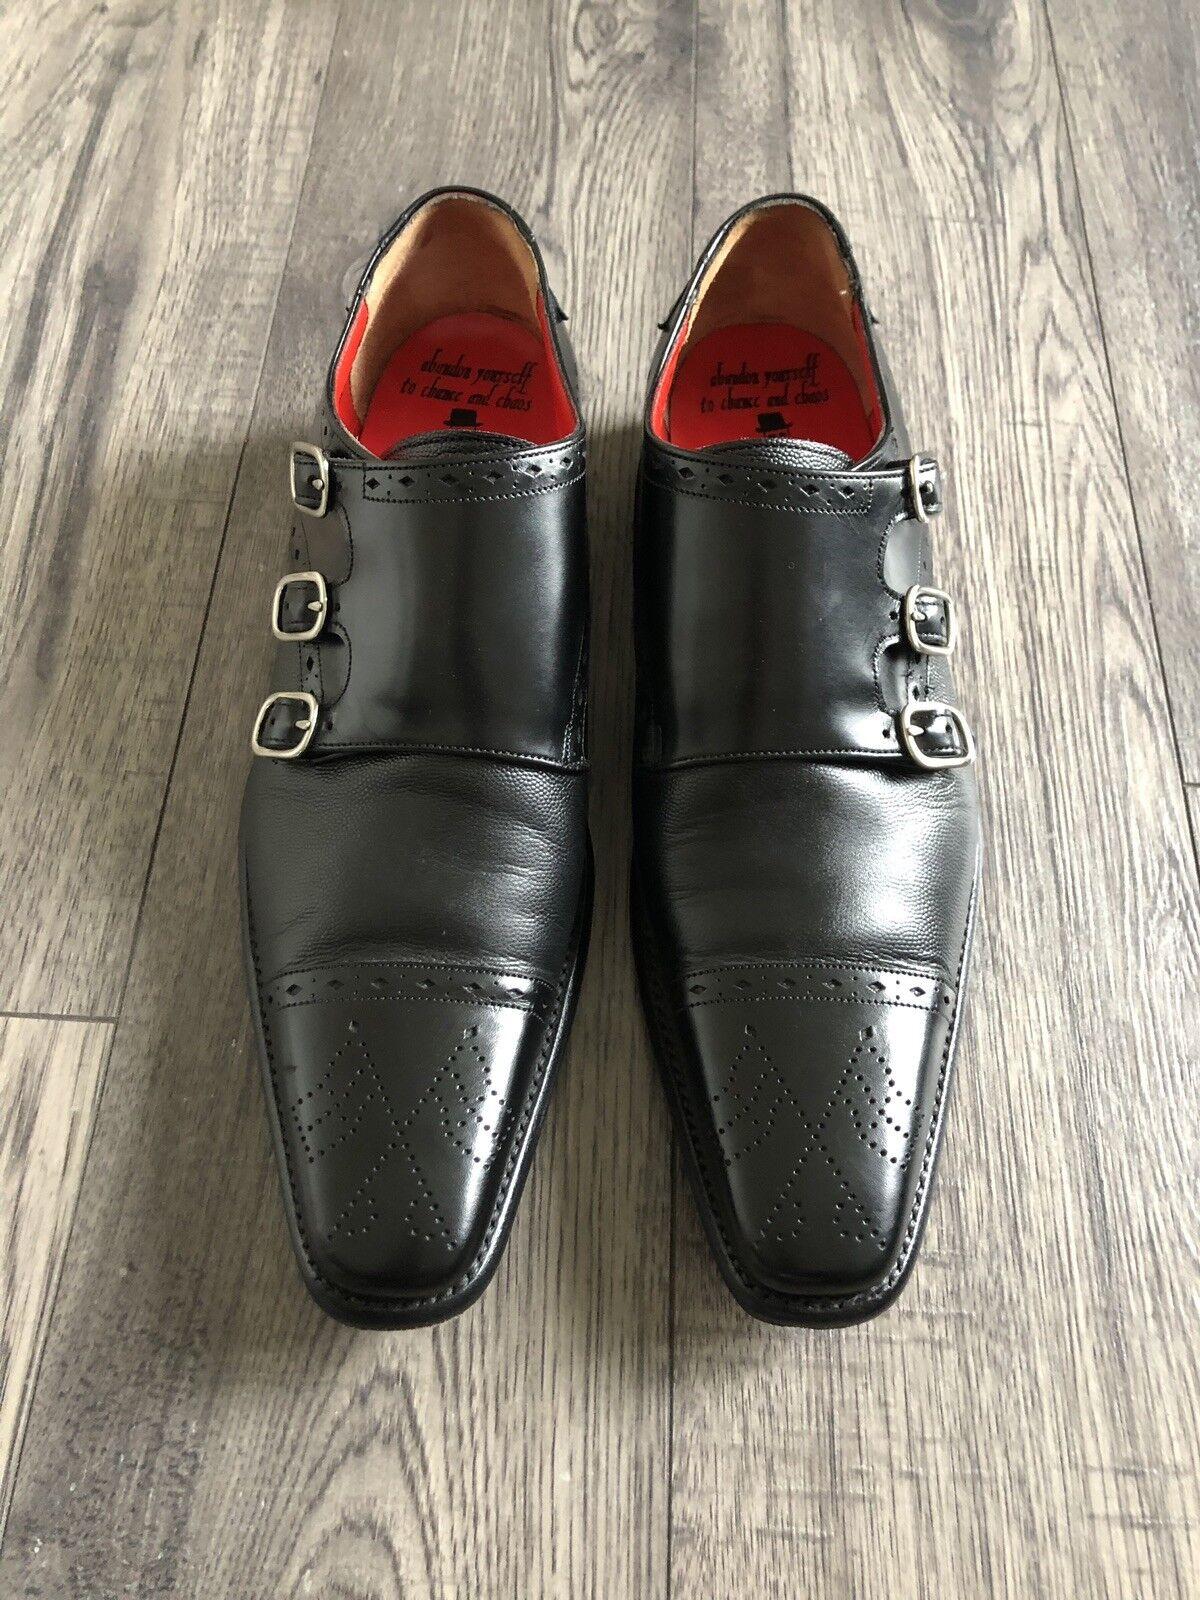 Jeffery West Triple Monk shoes